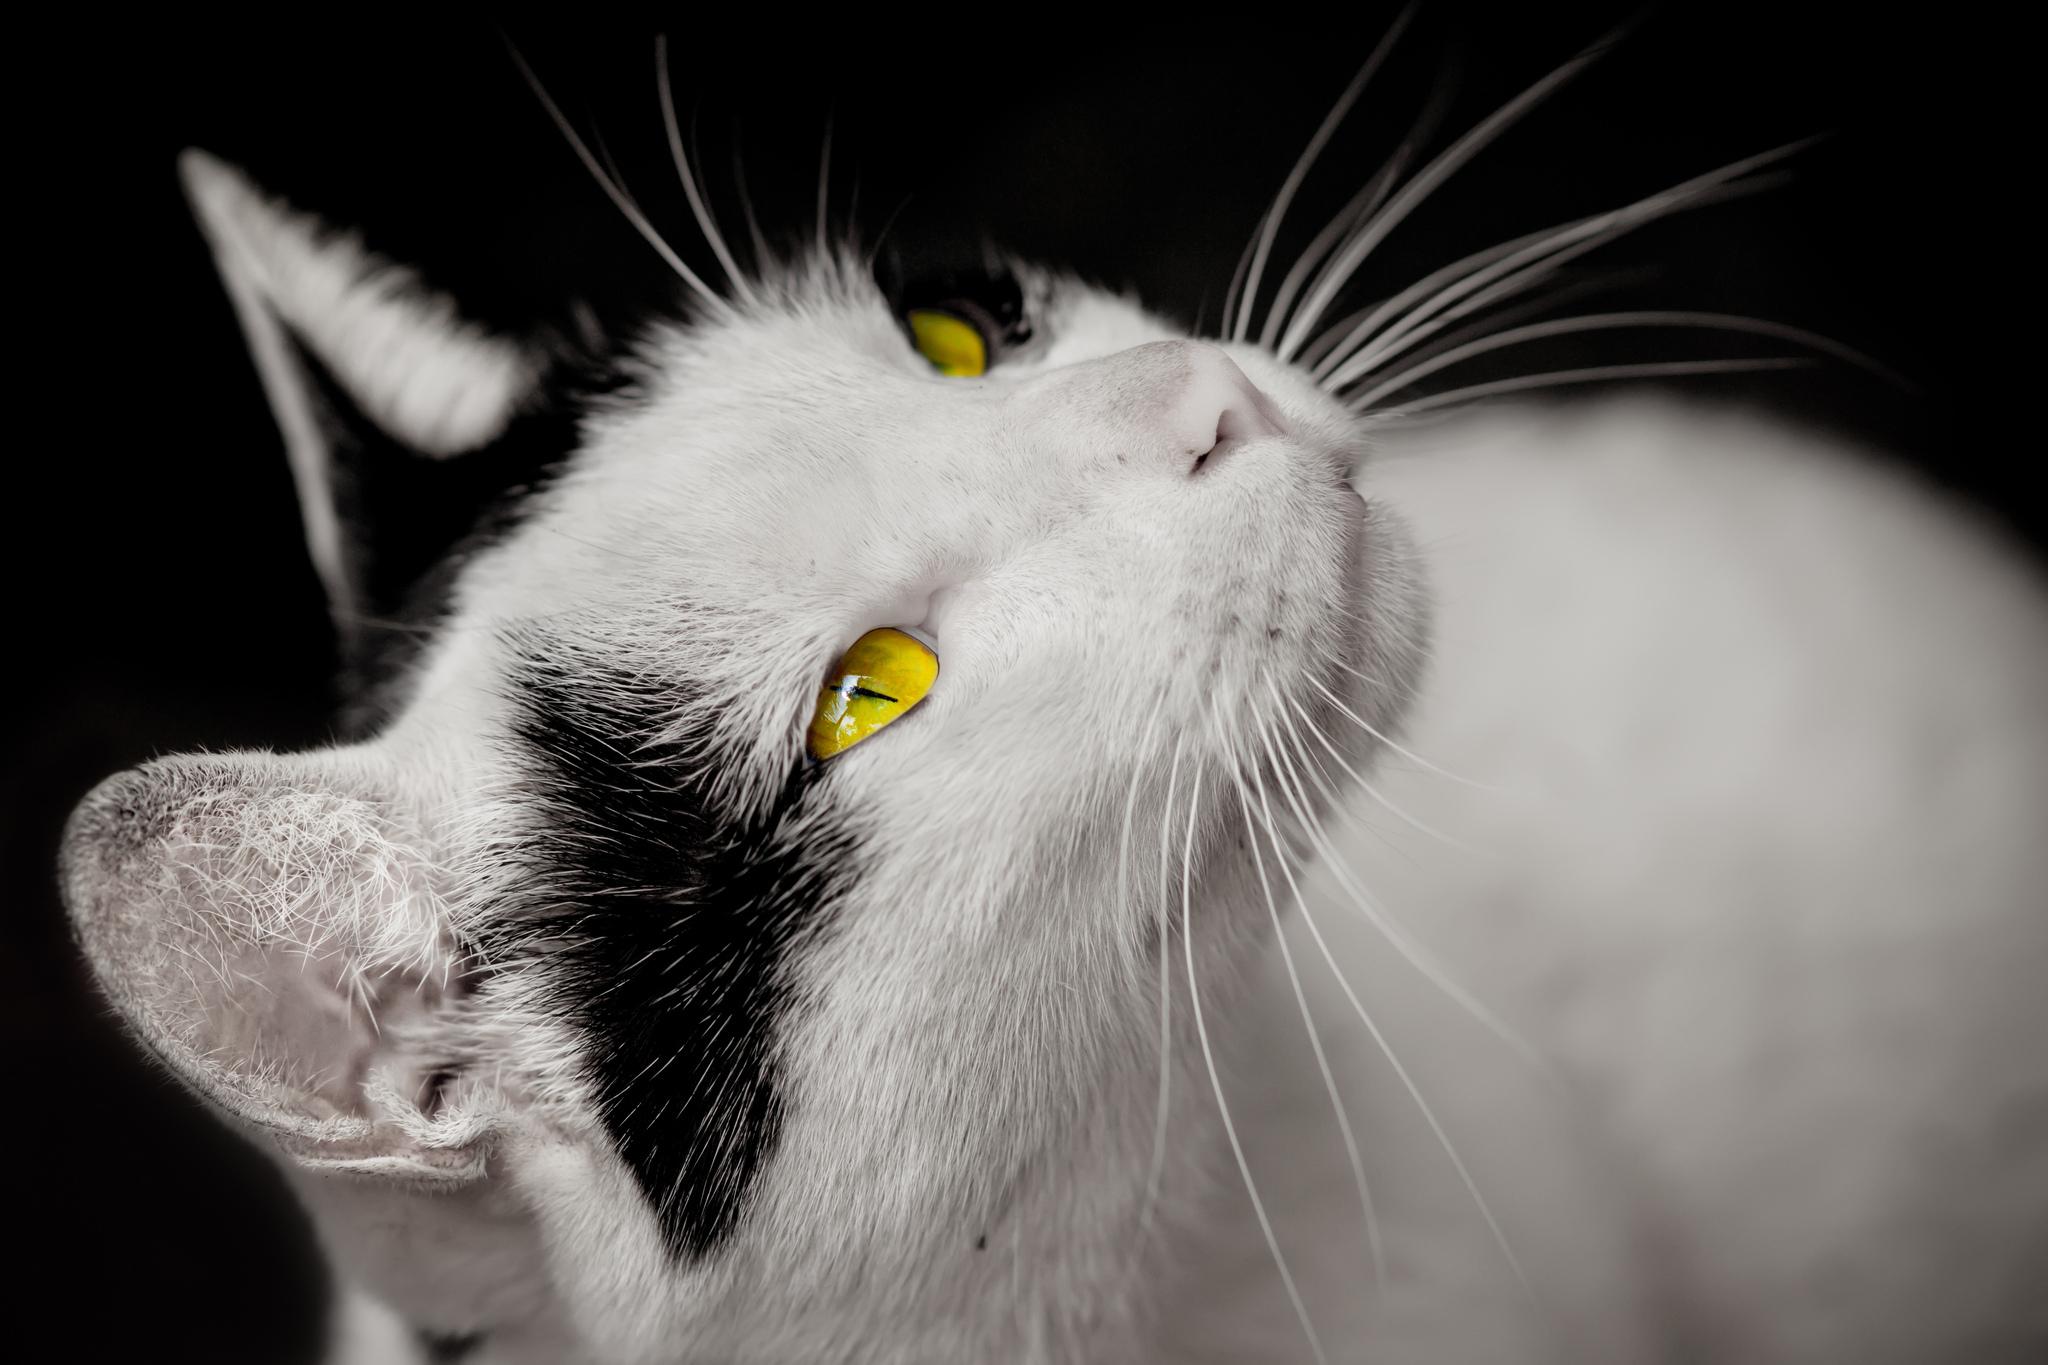 壁纸 动物 猫 猫咪 鸟 鸟类 雀 小猫 桌面 2048_1365